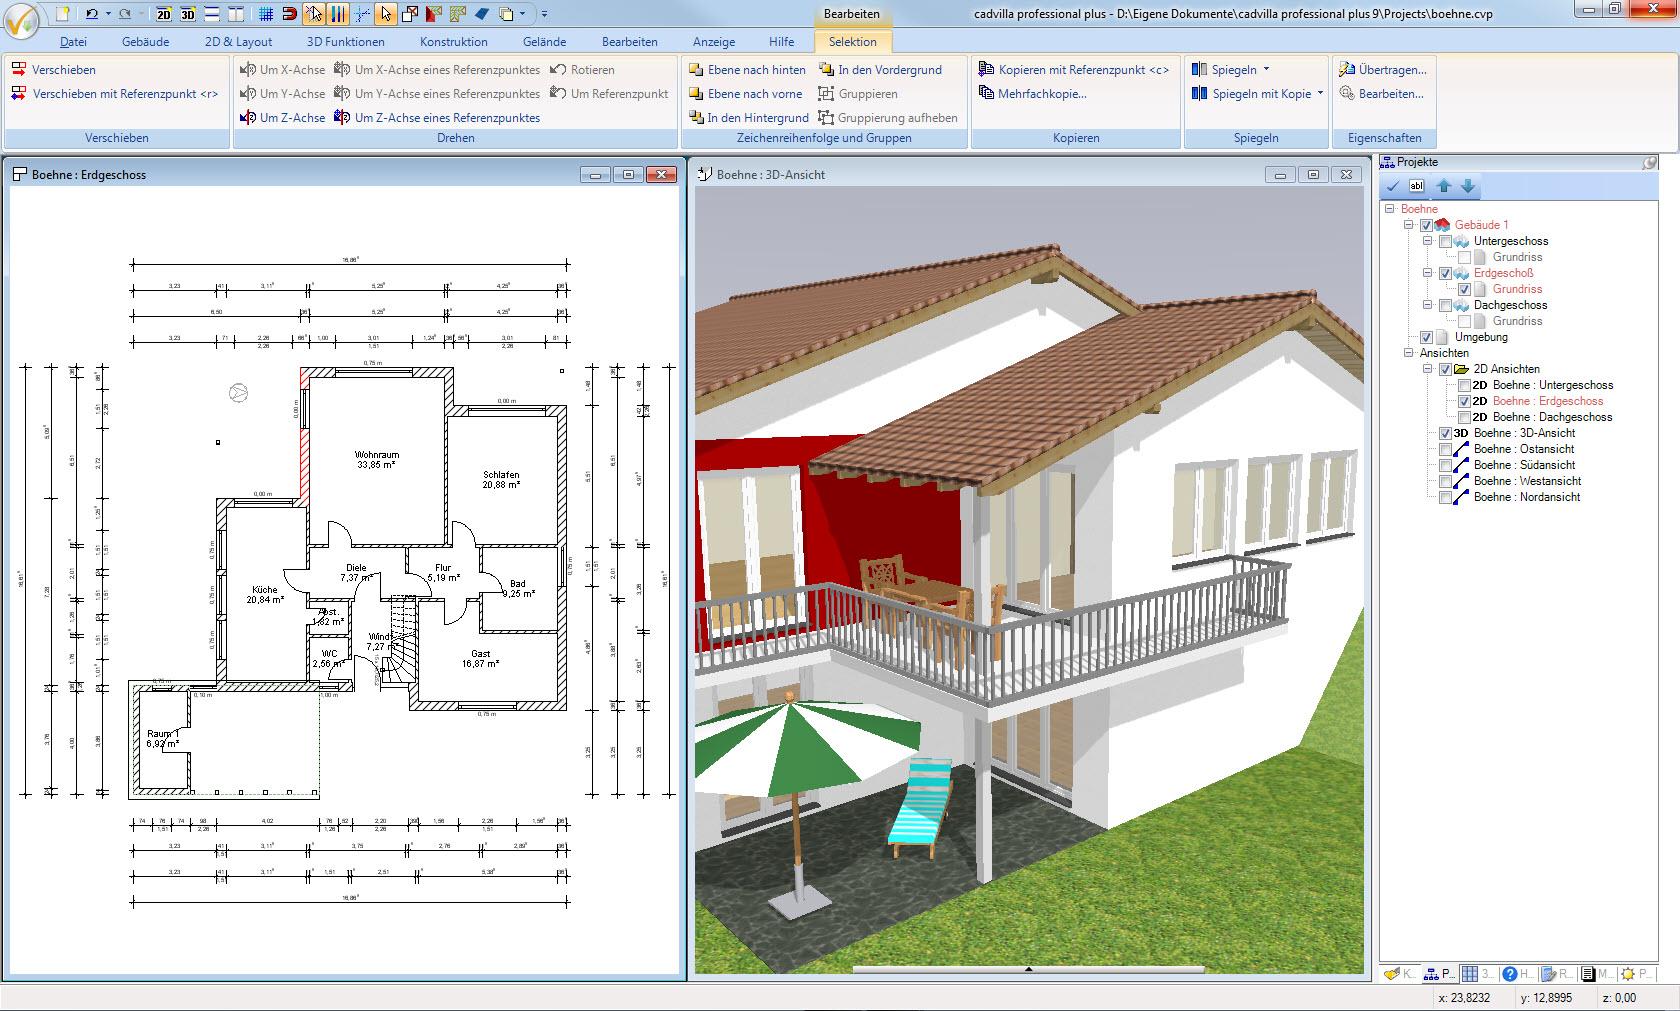 Zwei Sichten auf das Projekt (Draufsicht, 3D Ansicht). Sämtliche Eingaben und Selektionen von Elementen werden in allen Ansichten in Echtzeit dargestellt.